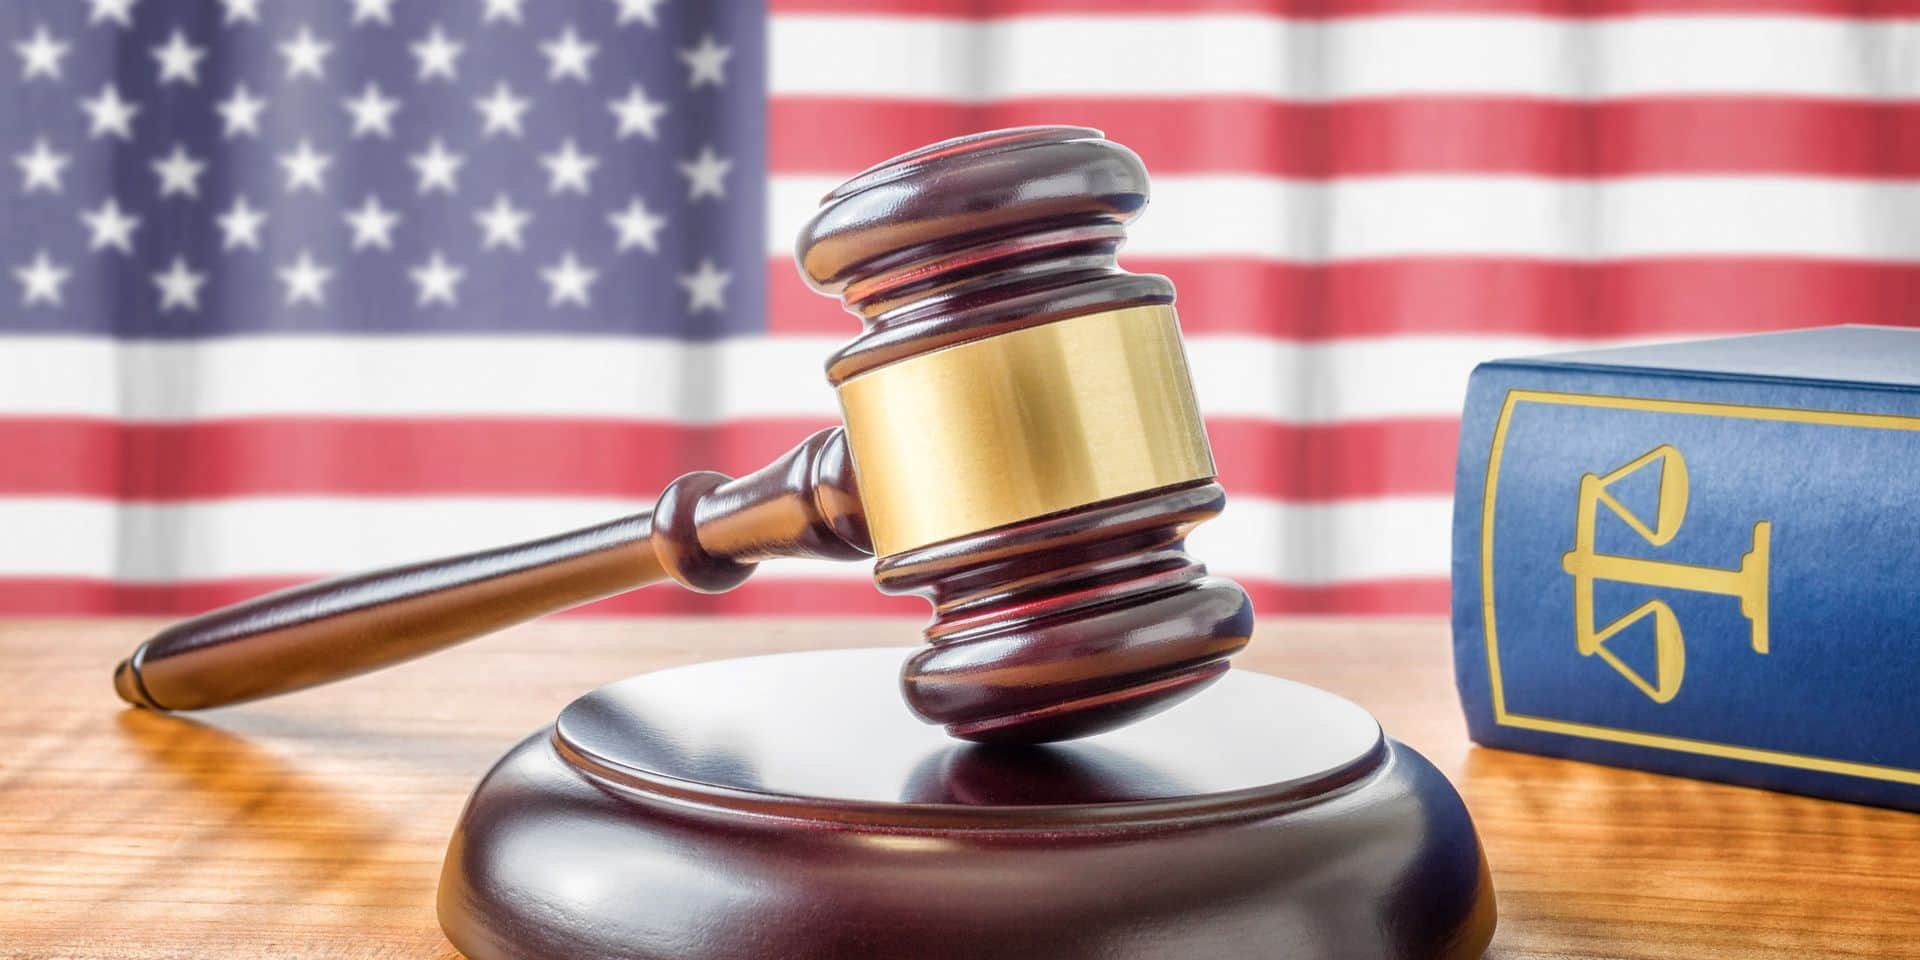 Etats-Unis : un tribunal suspend la première exécution fédérale programmée depuis 17 ans